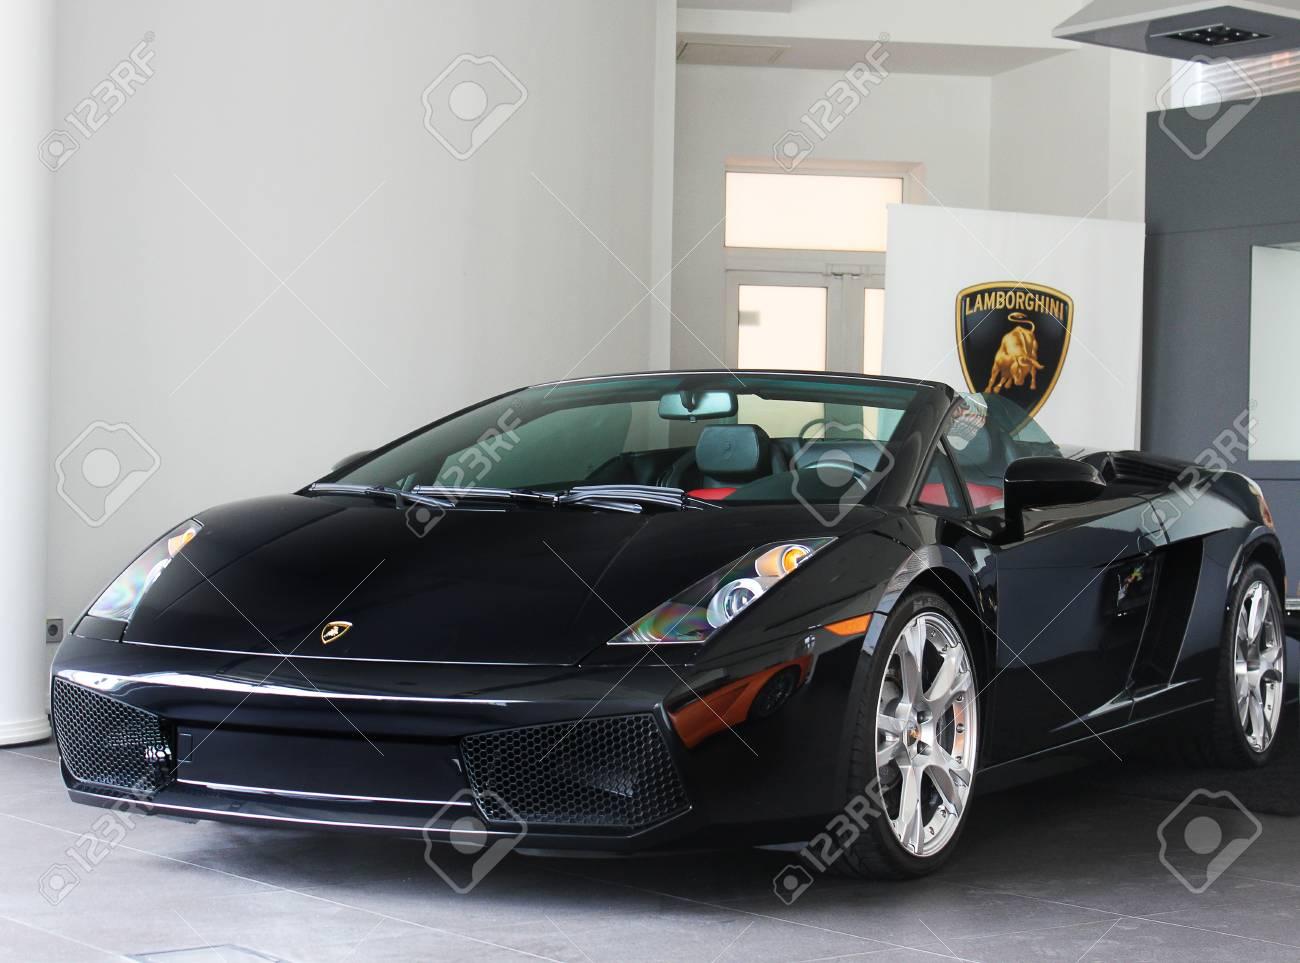 September 15 2014 Kiev Ukraine Lamborghini Gallardo Spyder